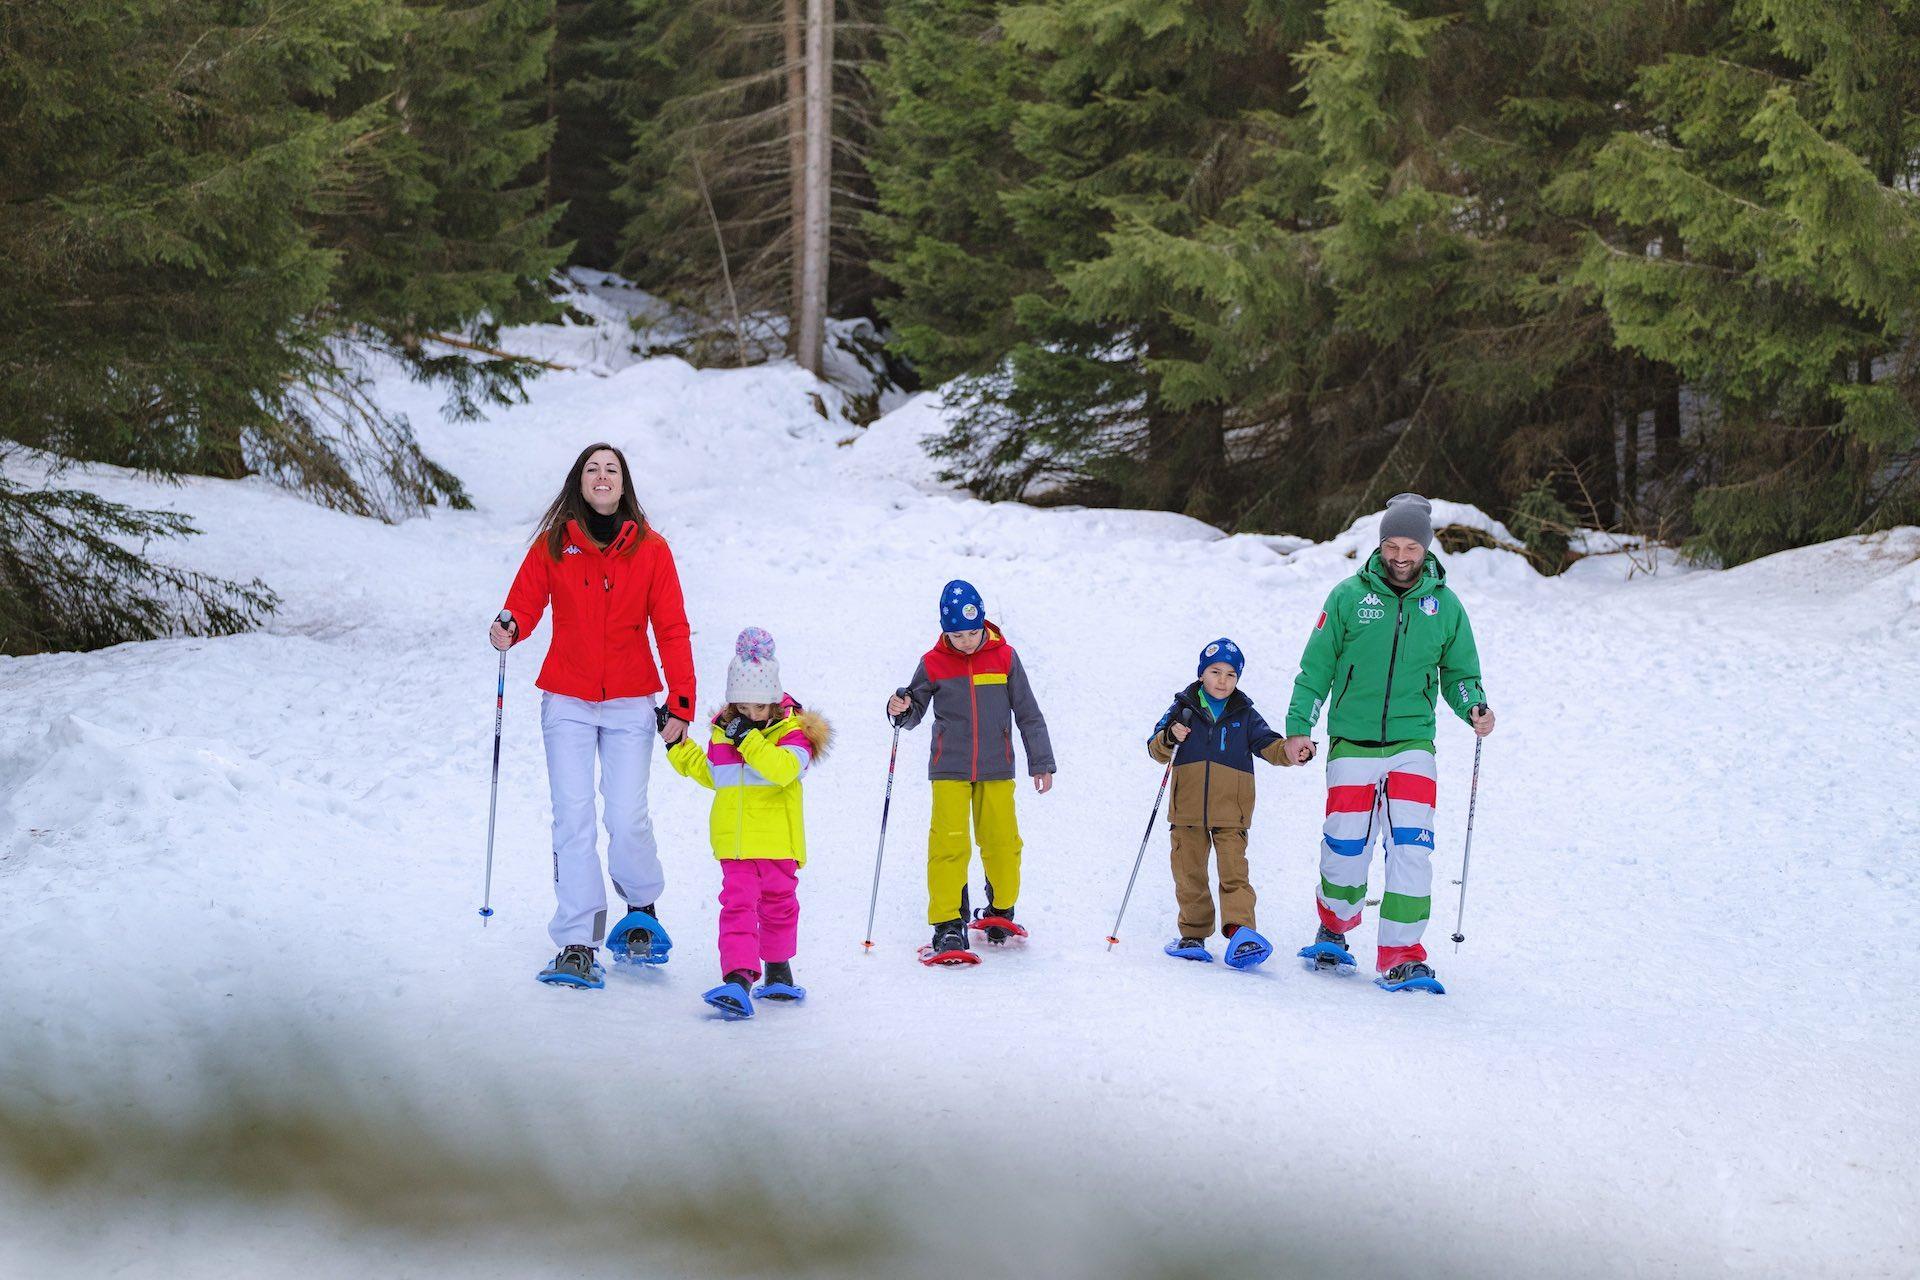 Andalo Vacanze - ciaspole sulle Dolomiti Paganella in Trentino, cosa fare a Andalo d'inverno